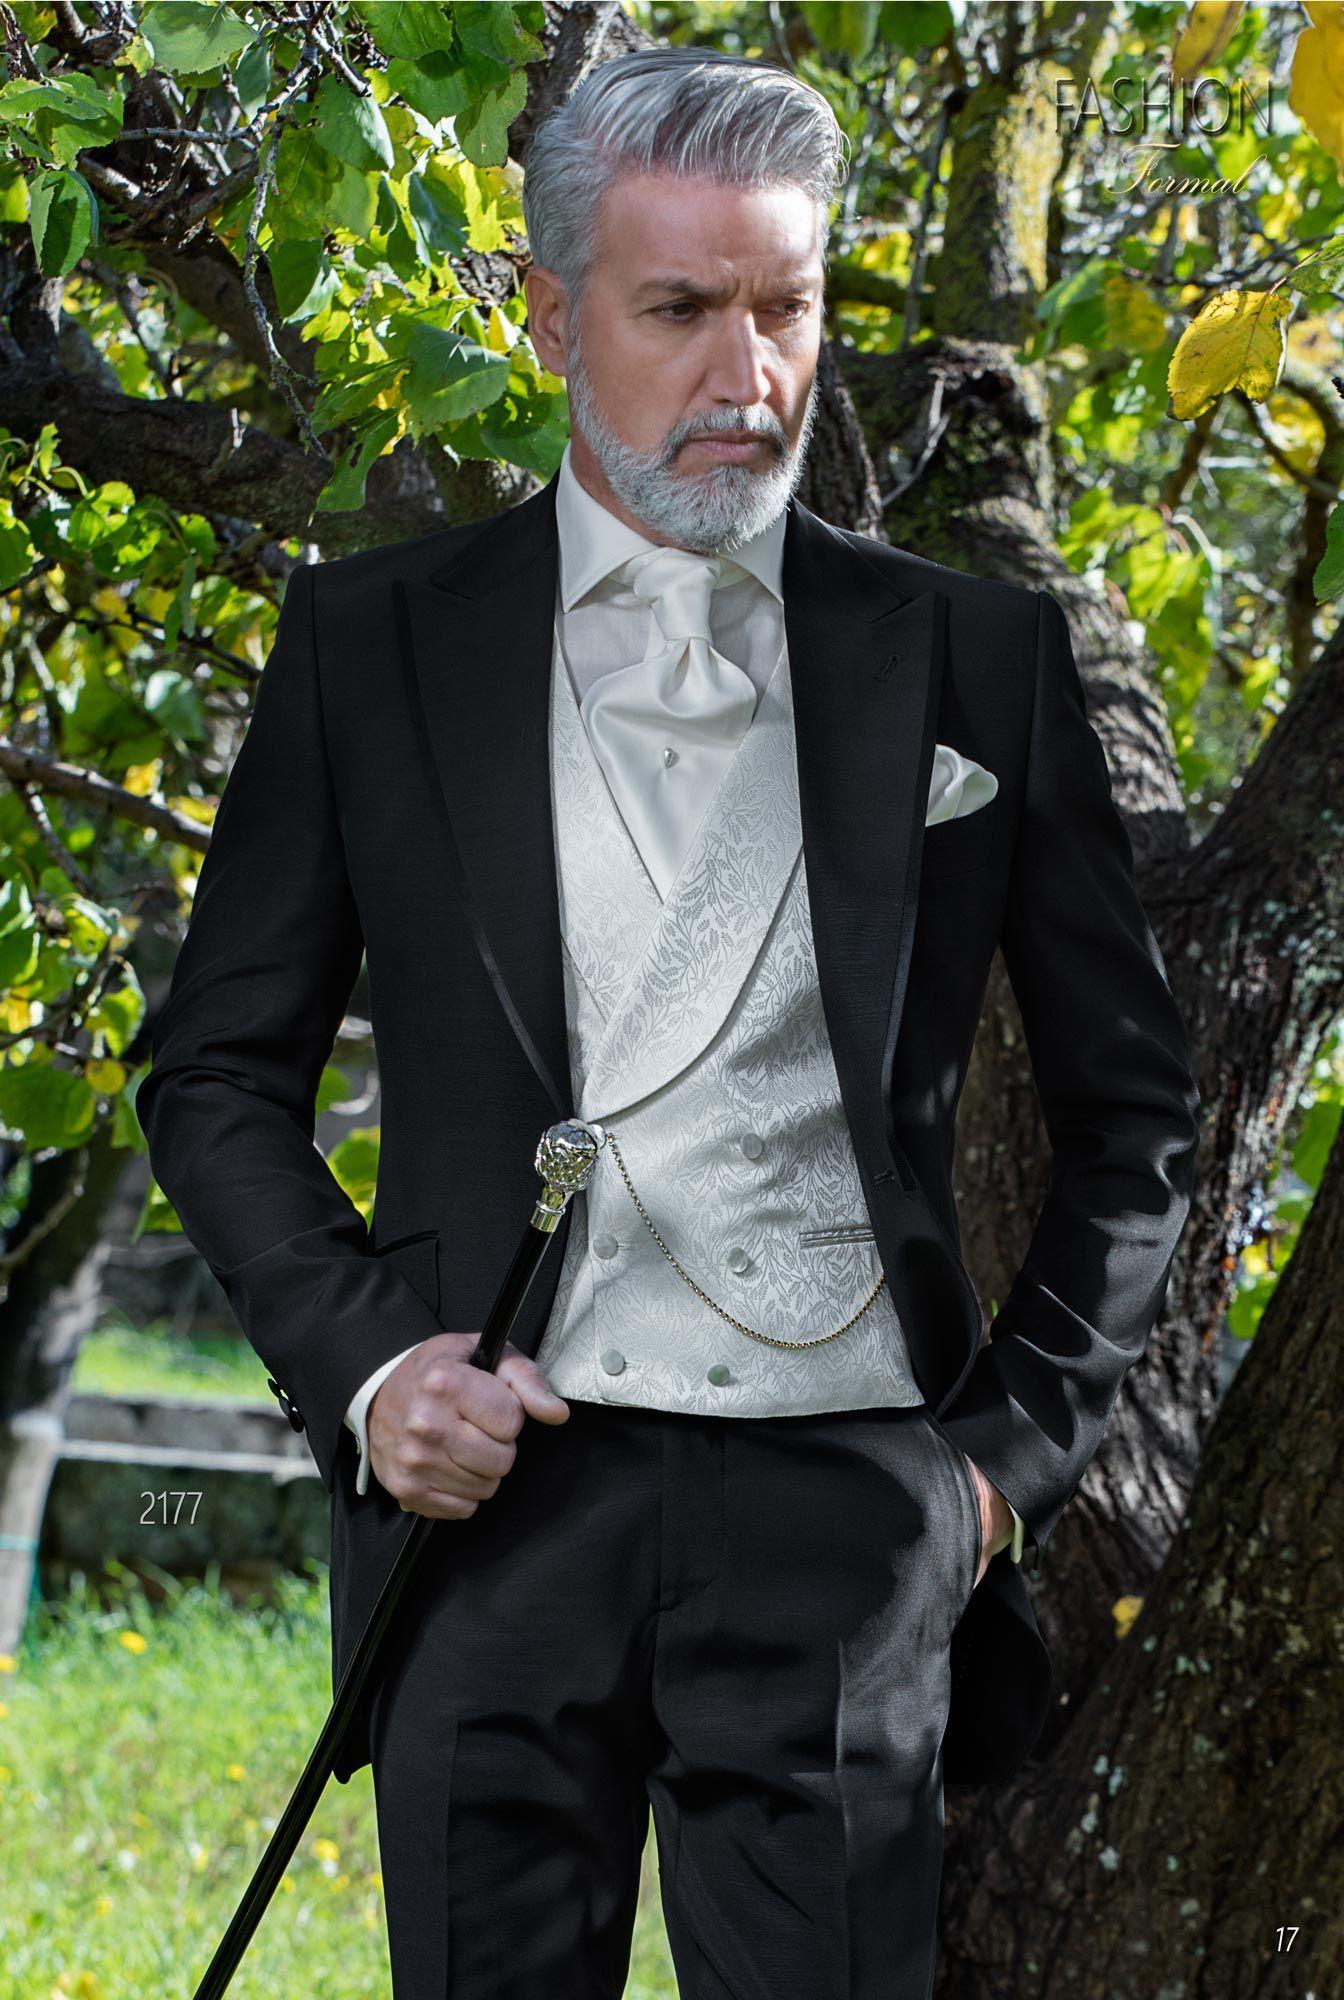 Abito moda uomo fashion nero da cerimonia. Completo ONGala 2177. Collezione  Fashion Formal 2018 b5b57ae1cac